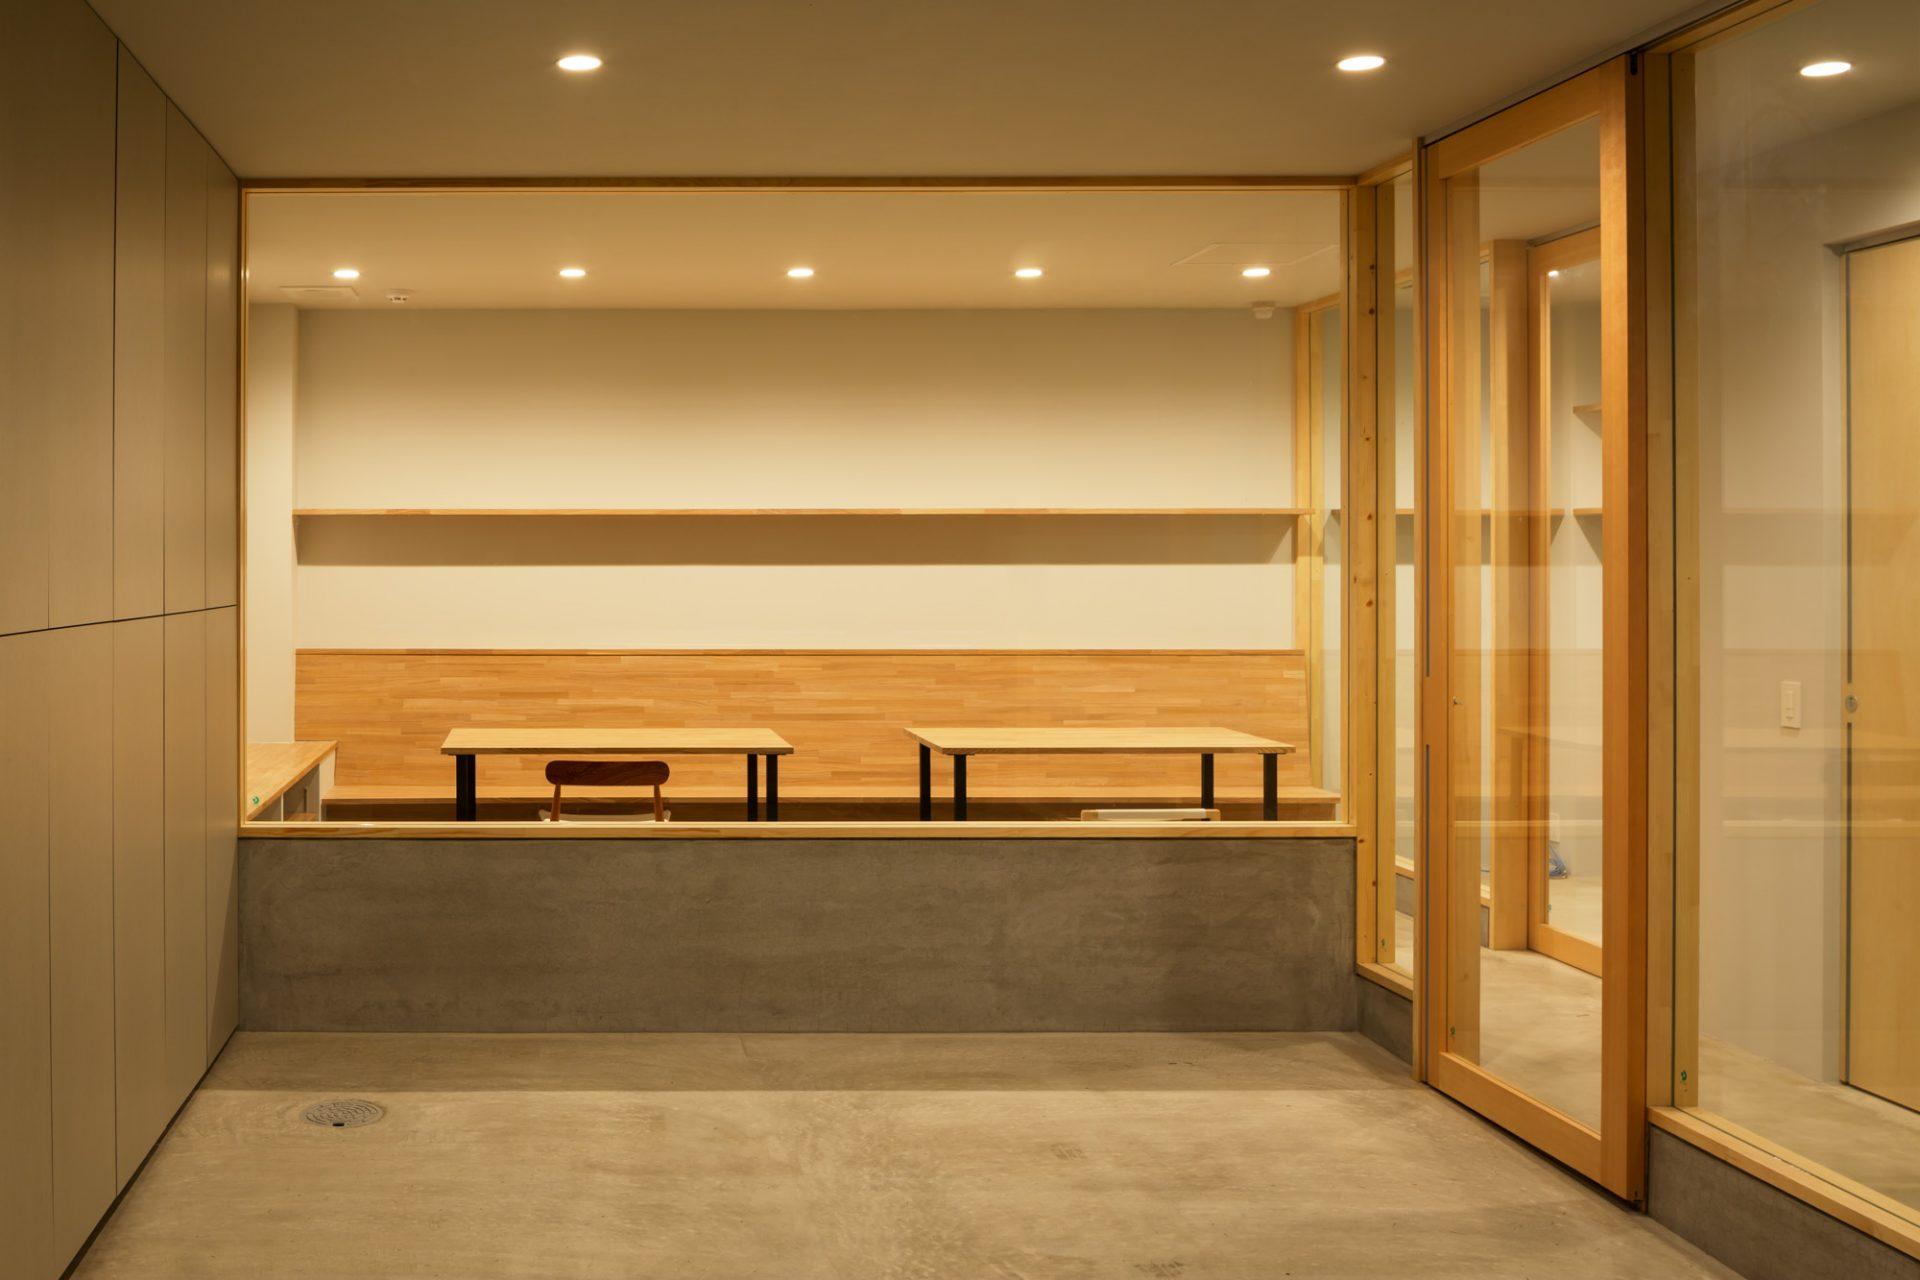 大阪 中西プラスチック株式会社のギャラリー兼ミーティングスペース05